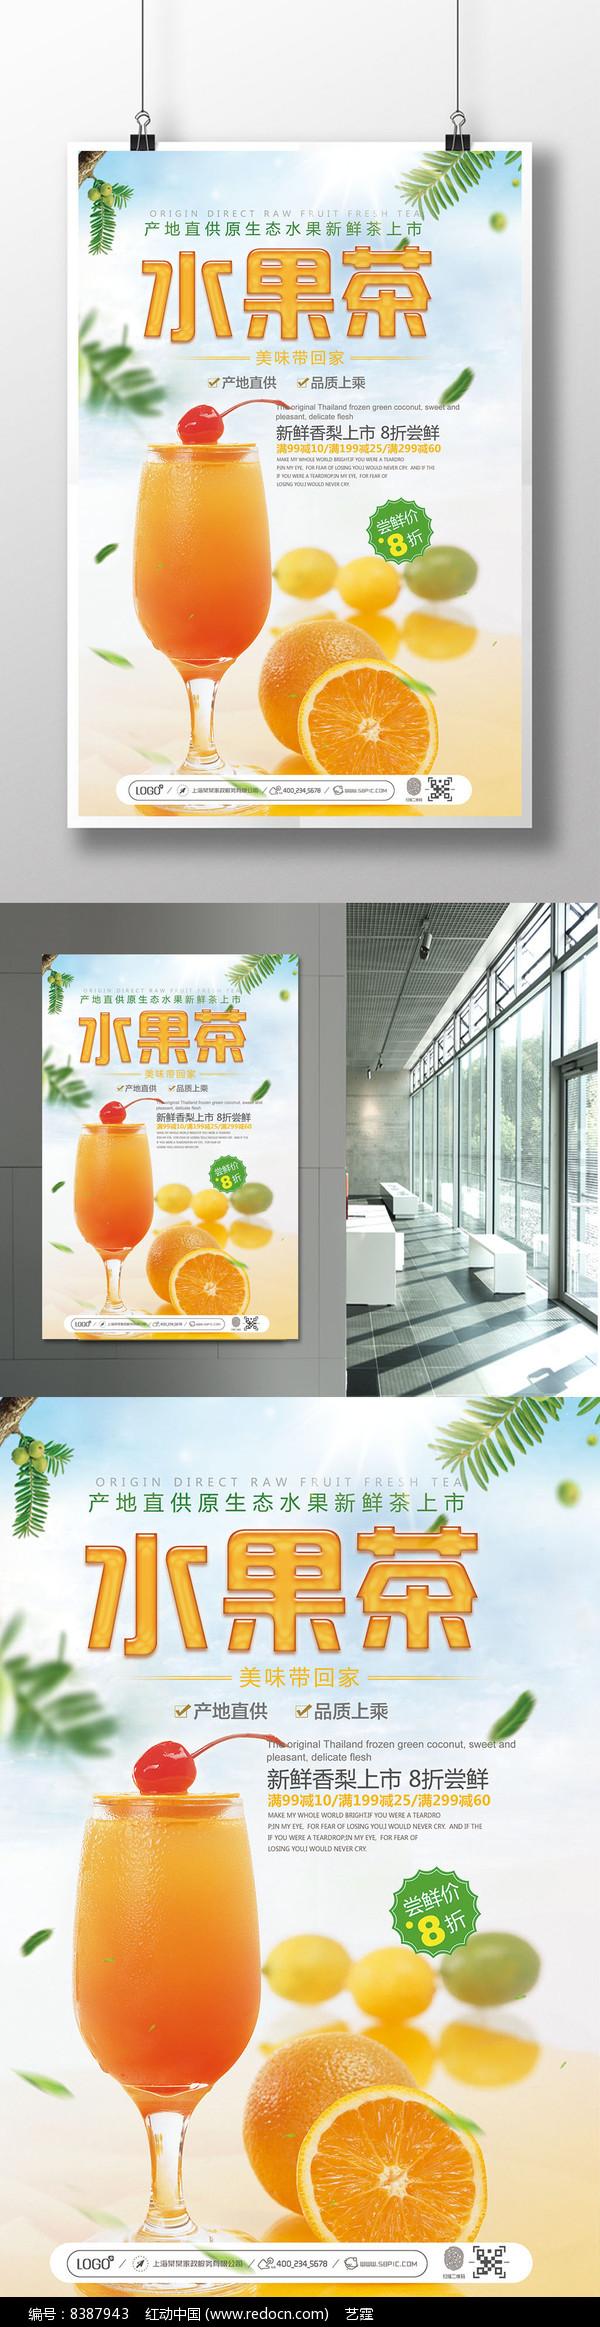 清新水果茶促销海报设计图片